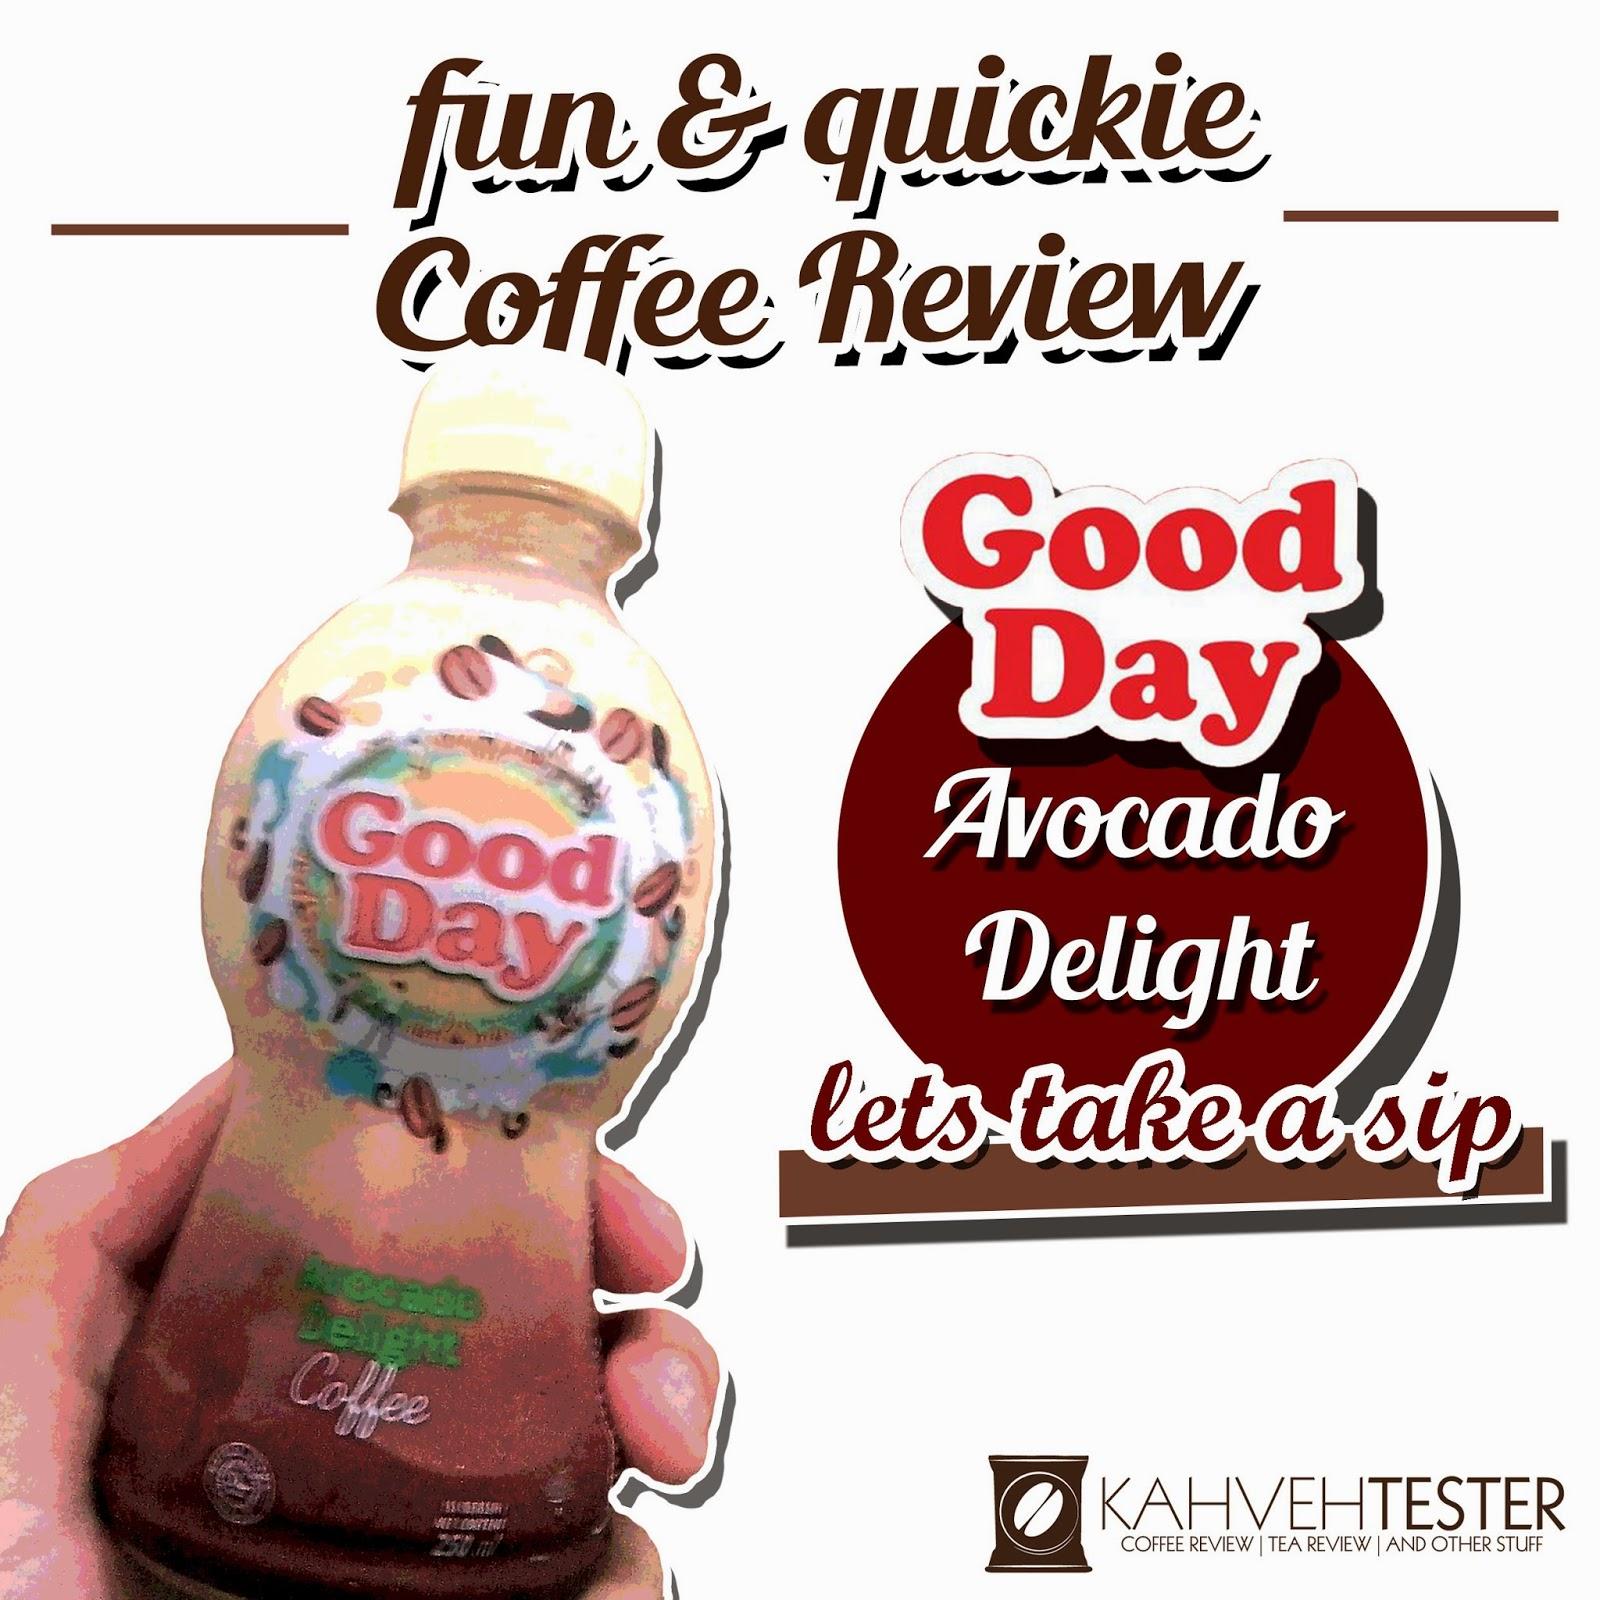 Gambar Kahvehtester Review Good Day Avocado Delight Coffee Gambar Iklan Kopi Di Rebanas Rebanas